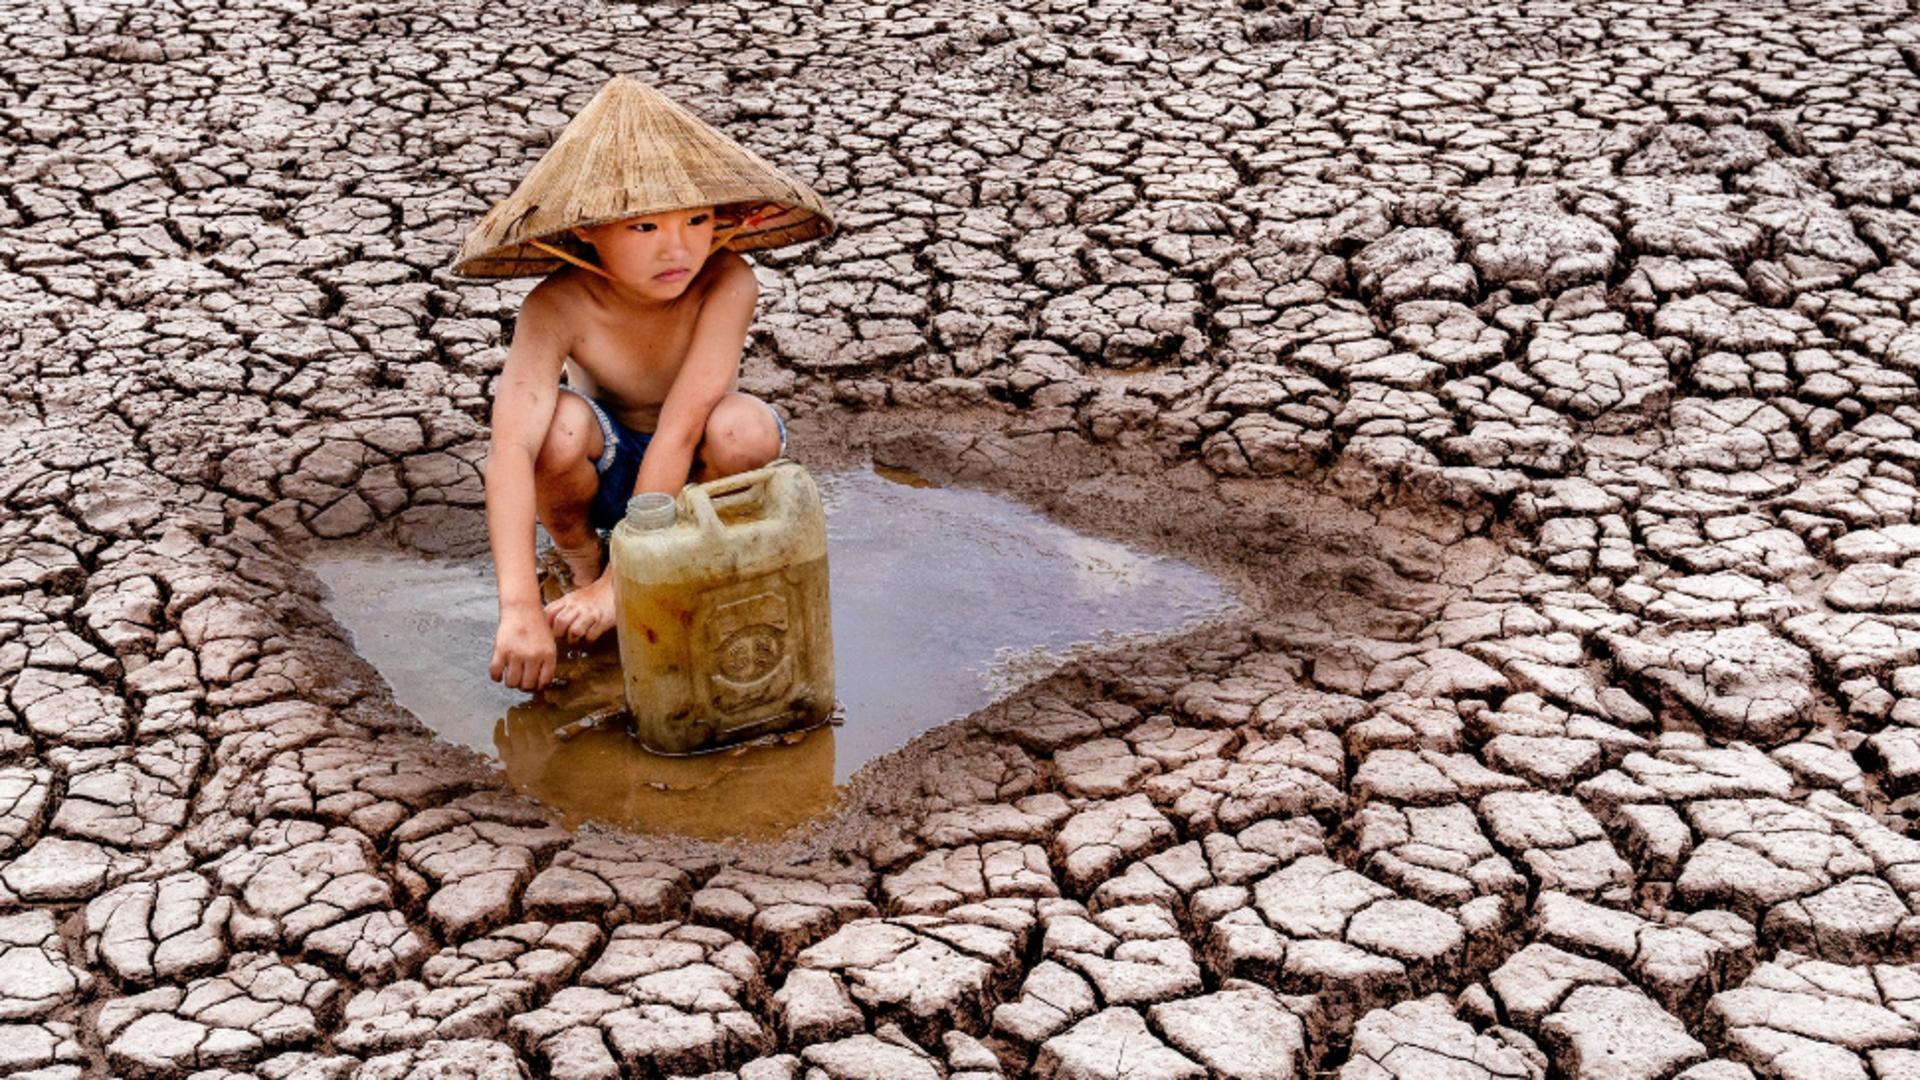 Un băiețel fotografiat adunând ultimele picături de apă. Sursa foto: Profi Media